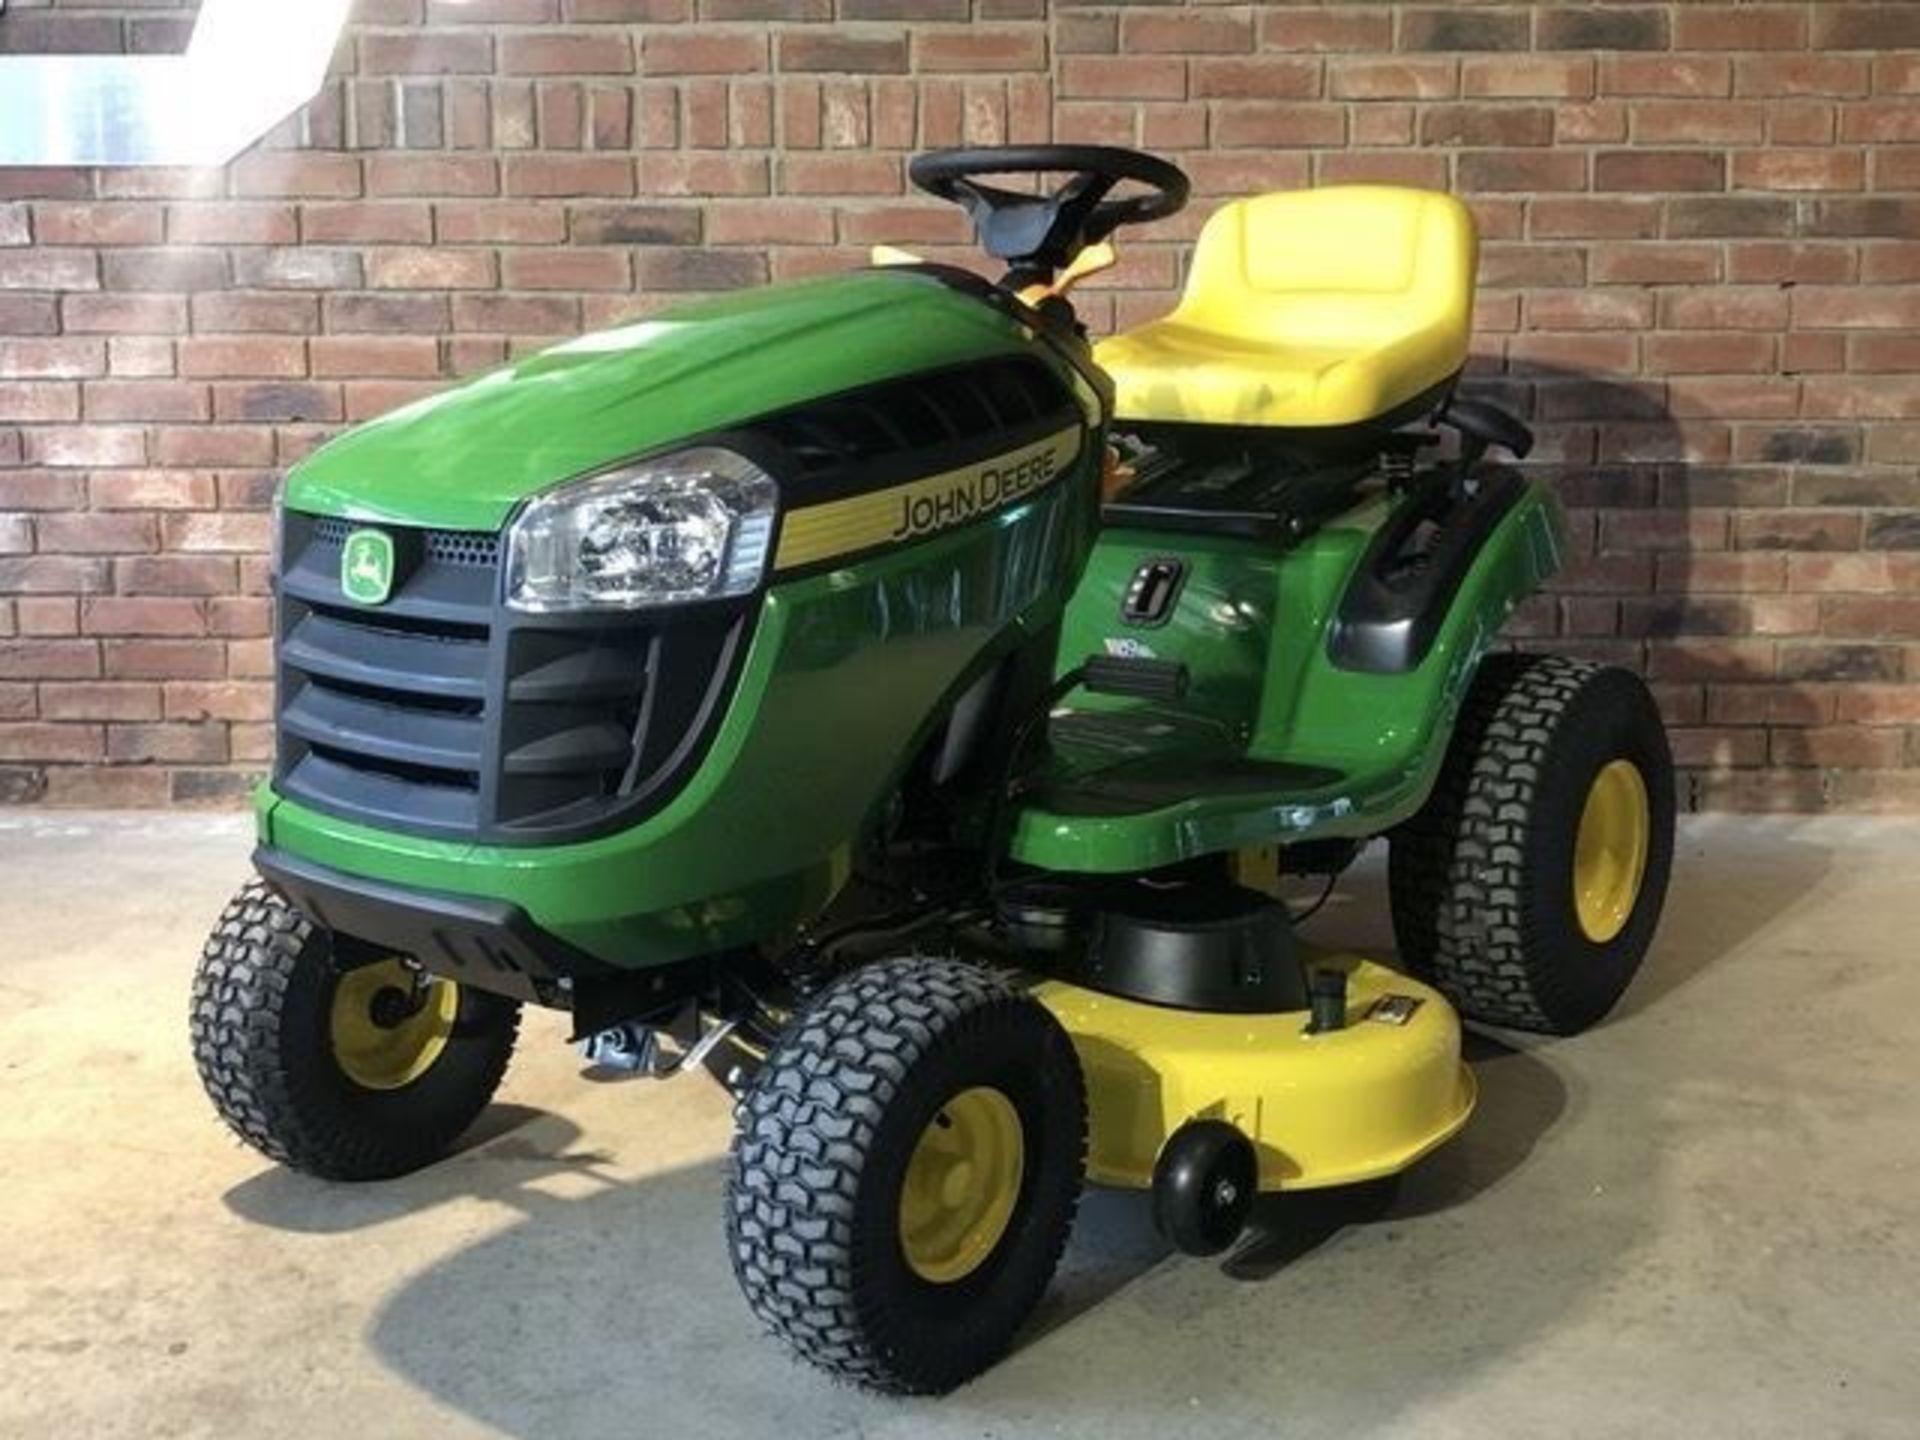 Los 5 - John Deere 42in Ride On Tractor Mower